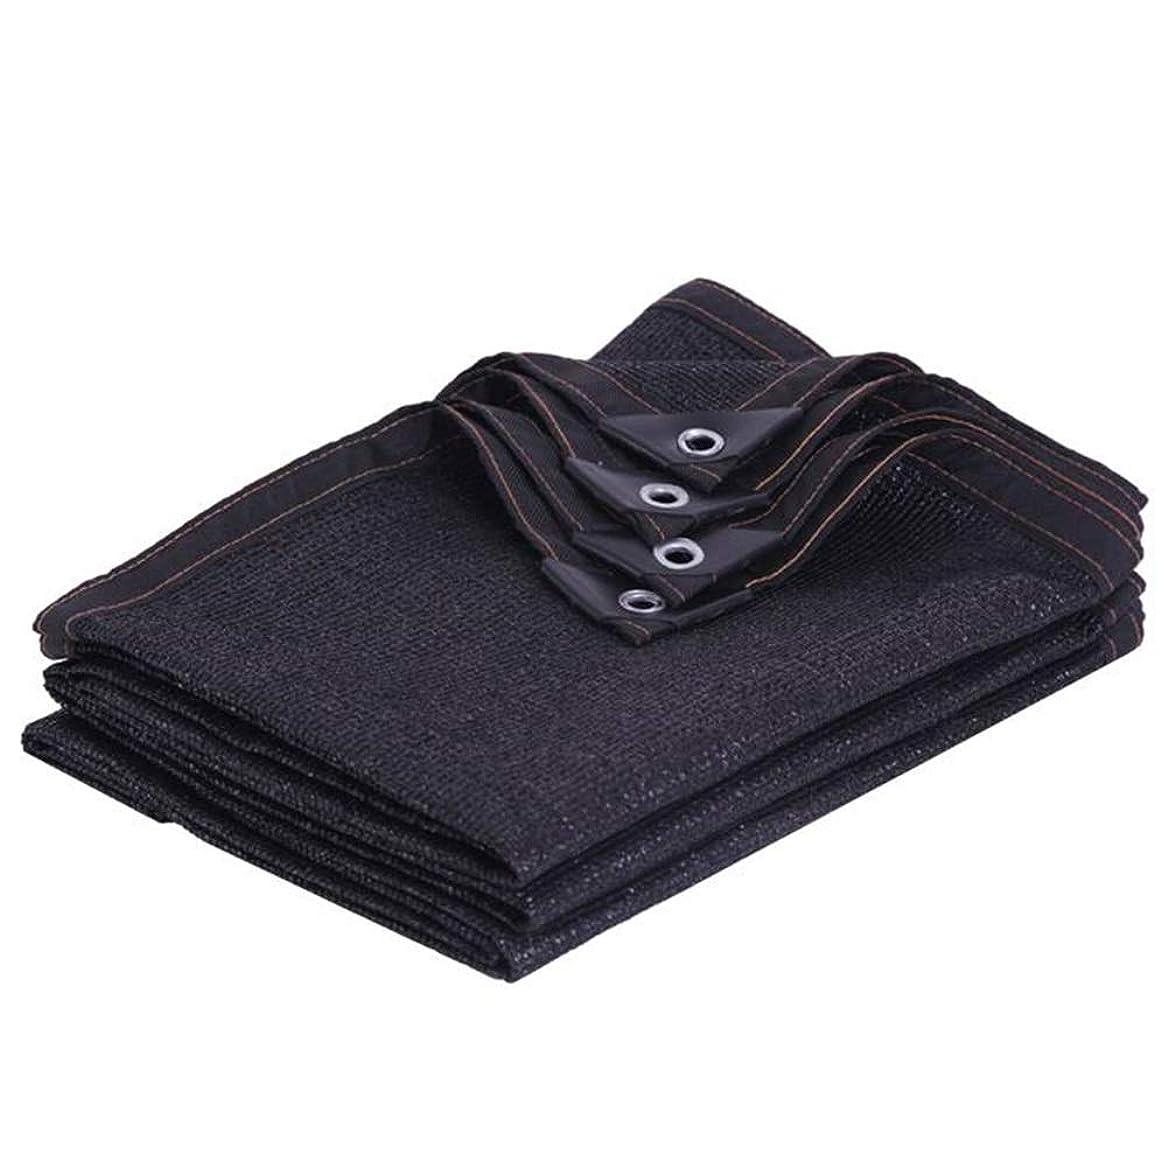 不利益ペッカディロ落ち着いたWZHIJUN オーニングシェード遮光ネット 黒 95% シェーディング率 老化防止 屋外の 温室 パティオ バルコニー シェーディングネット 23サイズ (Color : Black, Size : 2×4m)